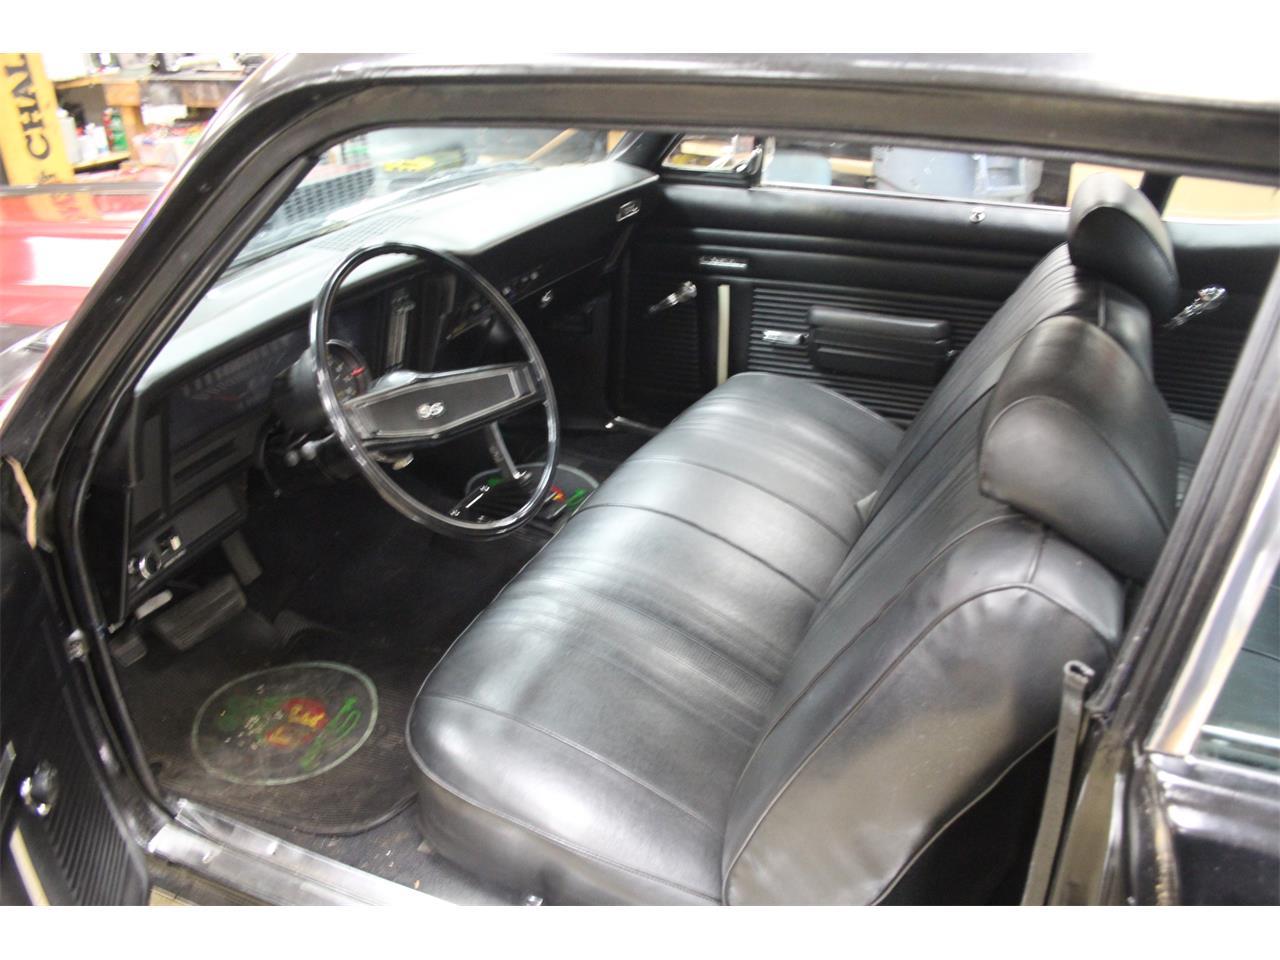 Large Picture of 1972 Chevrolet Nova - $17,900.00 - OT0W